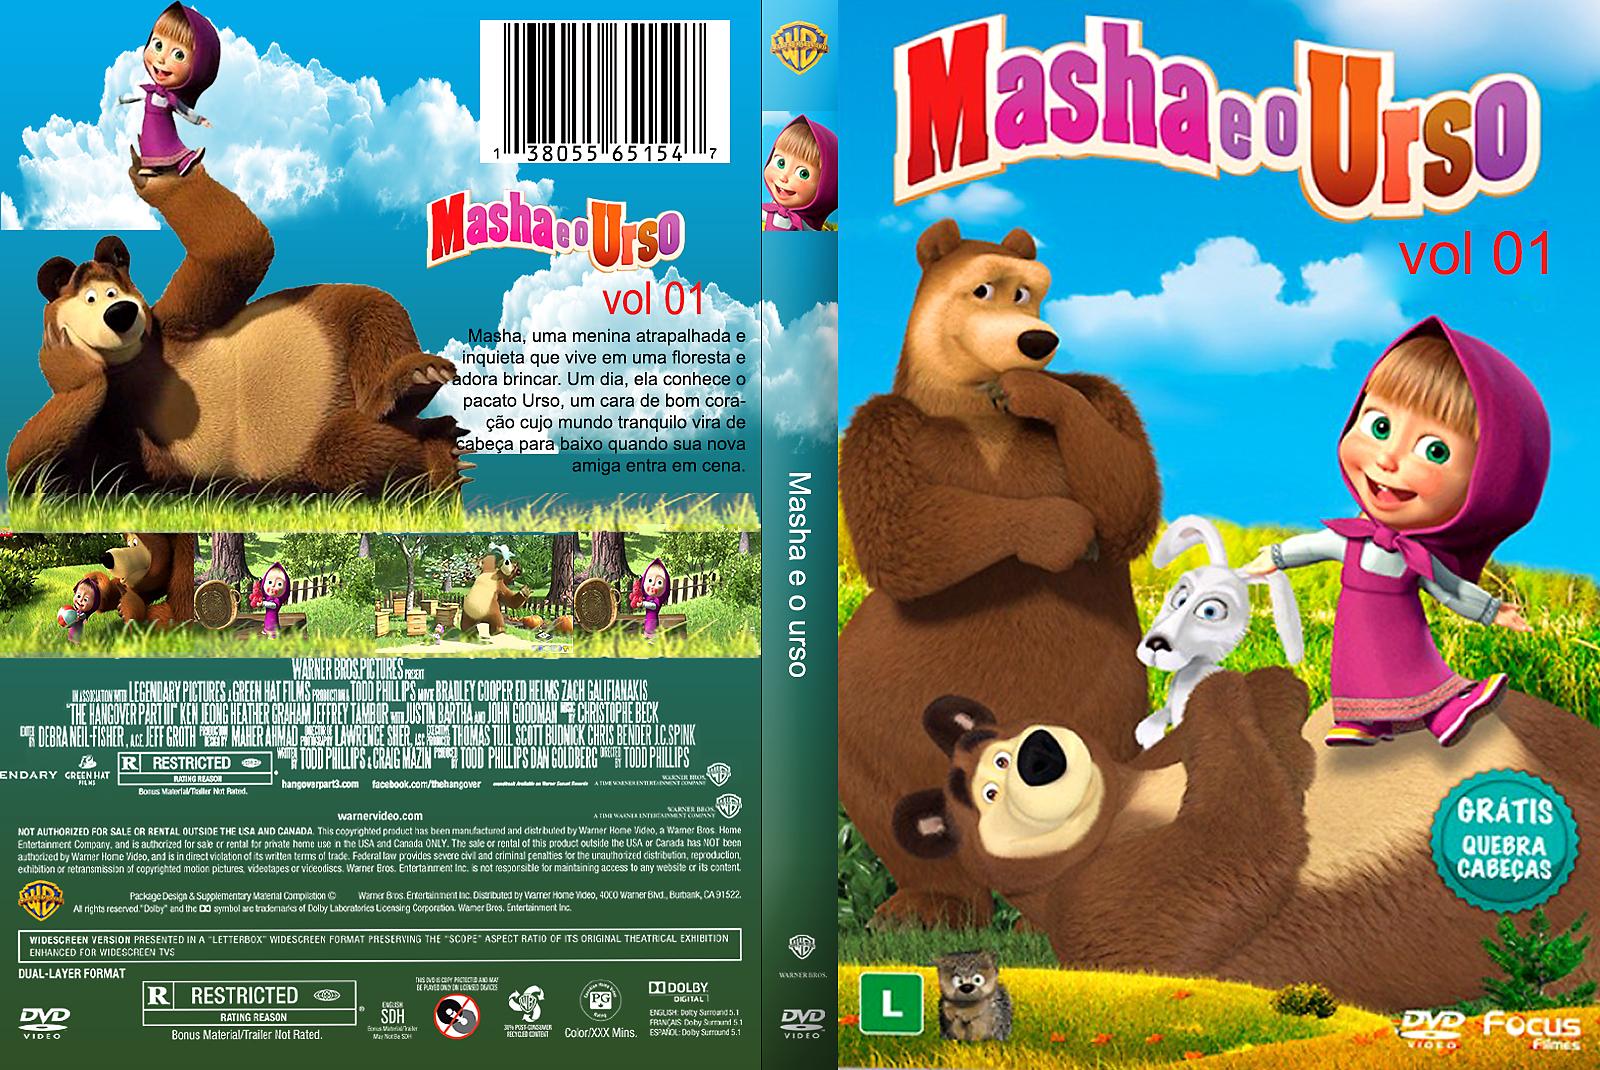 Masha e o Urso – Vol. 1 (2009) DVD-R Oficial